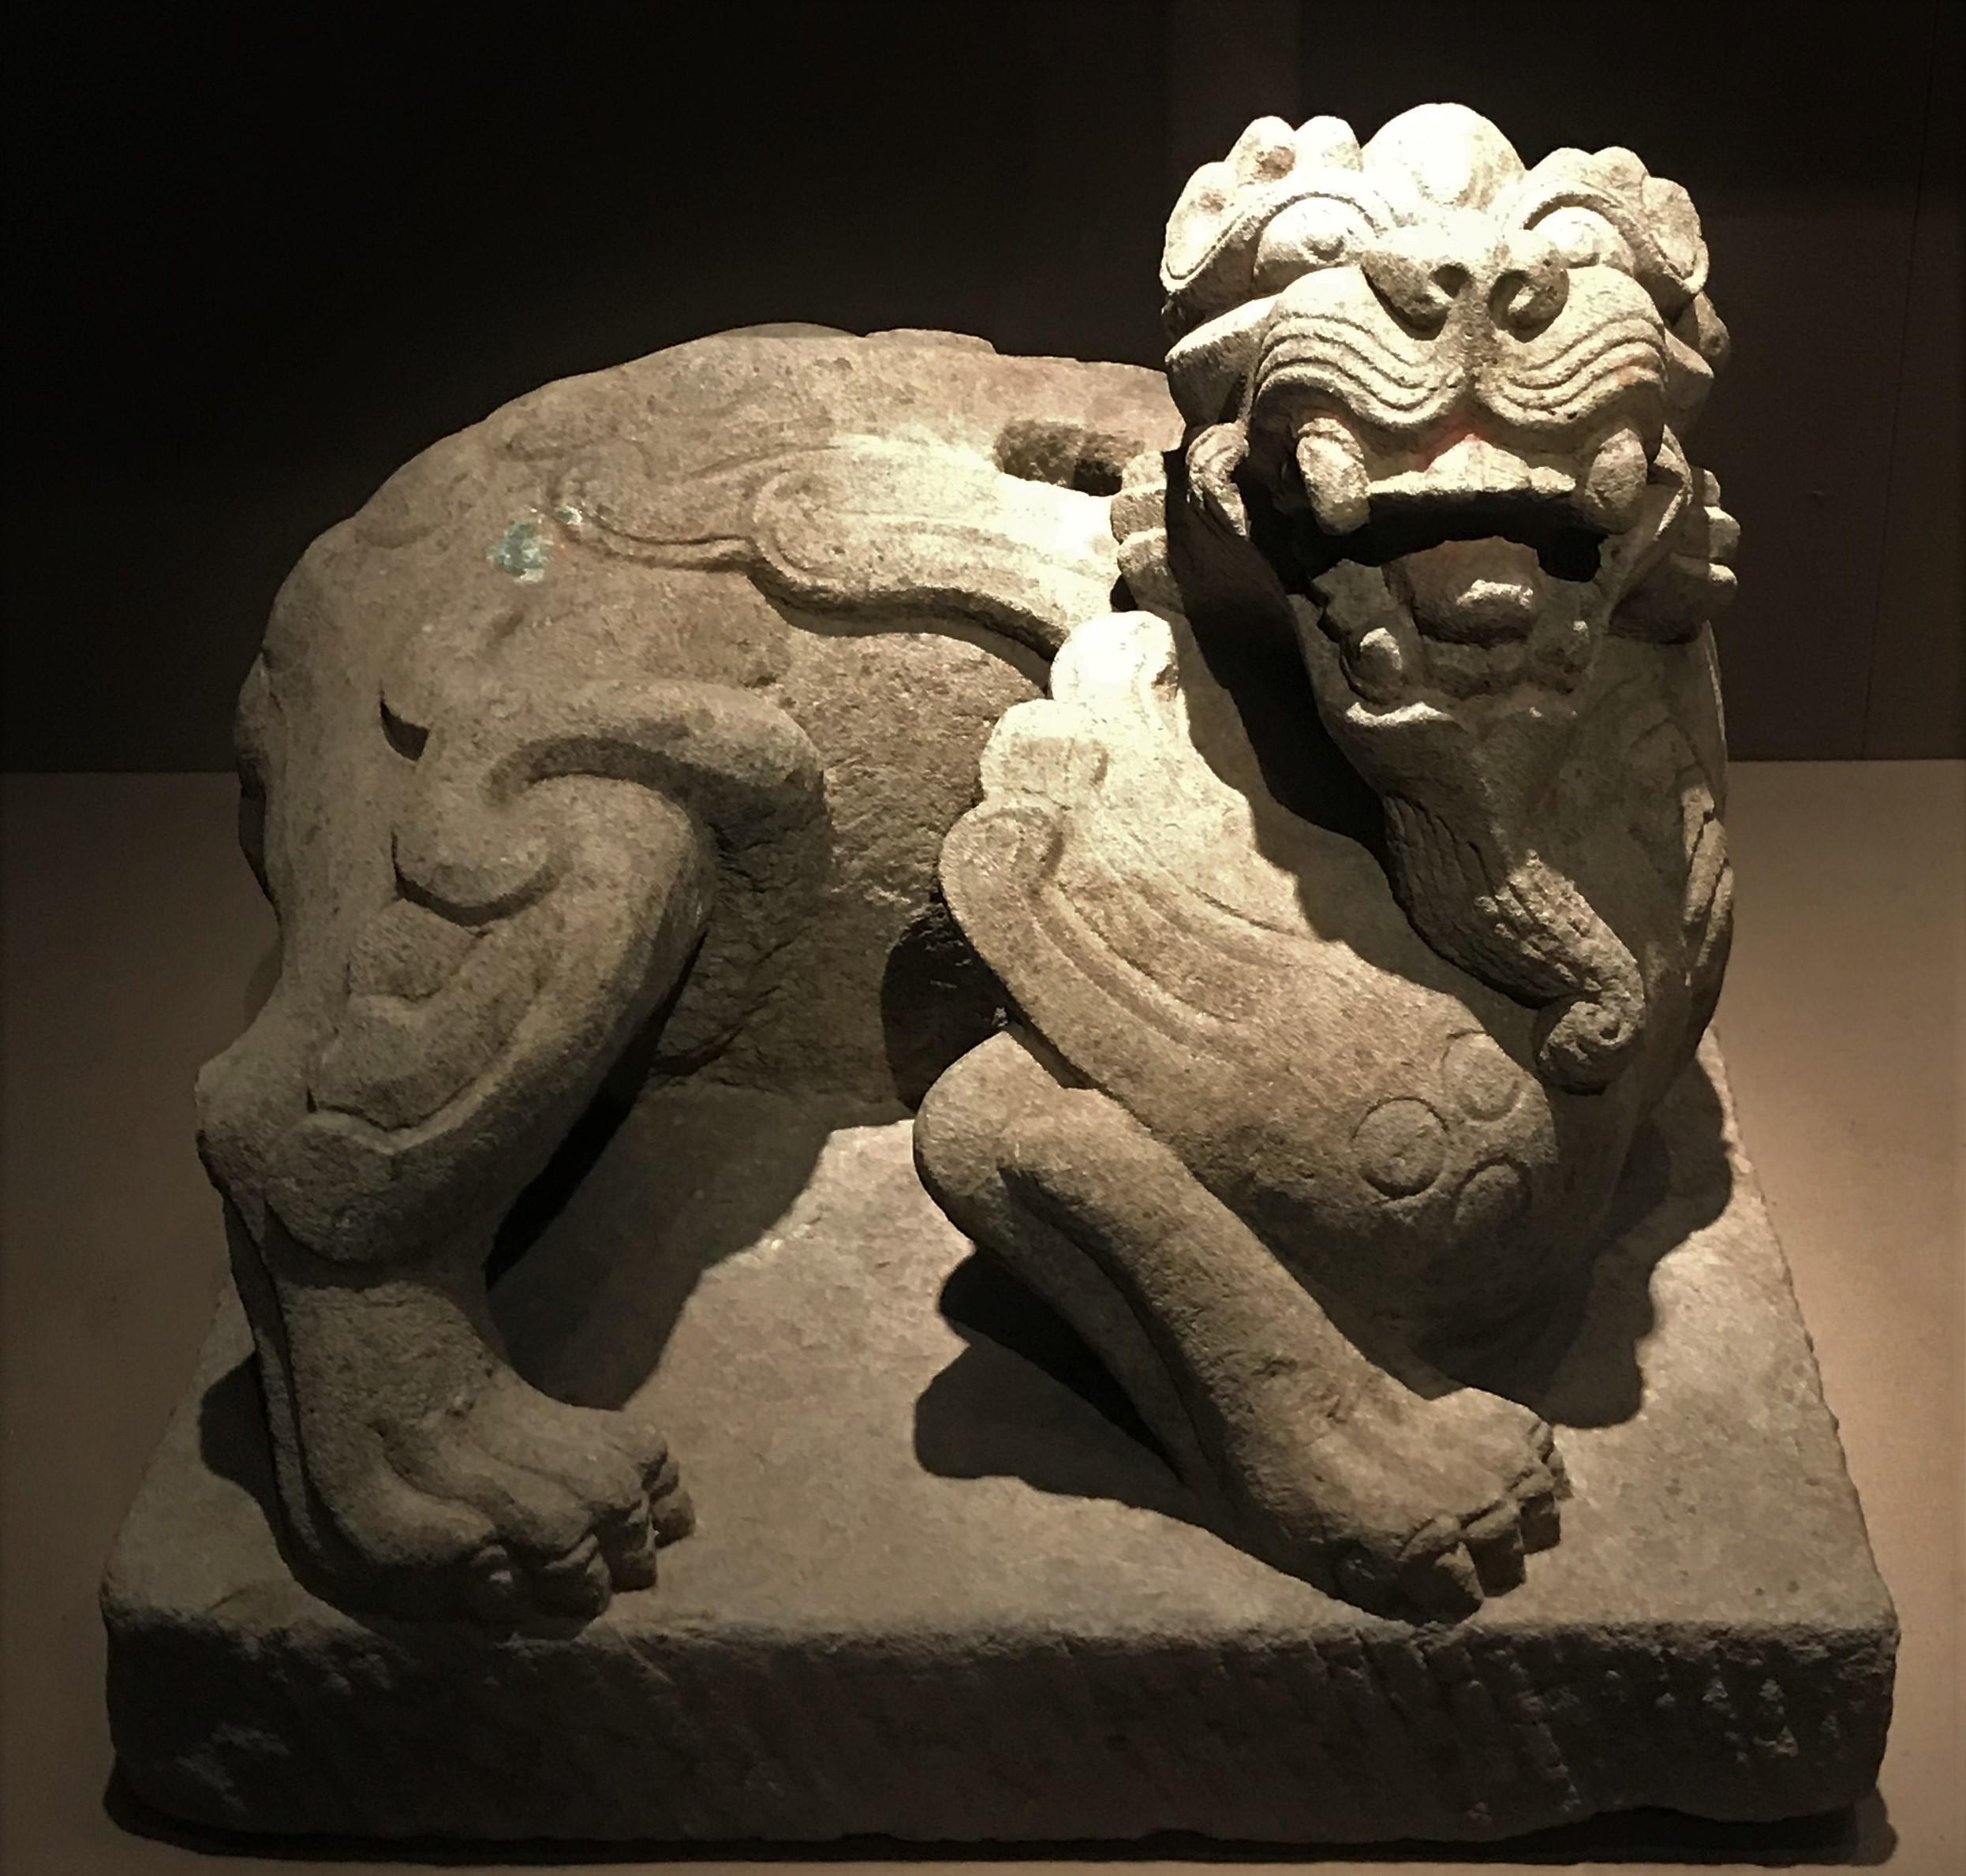 石辟邪座-两漢魏晋南北朝-常設展F2-成都博物館